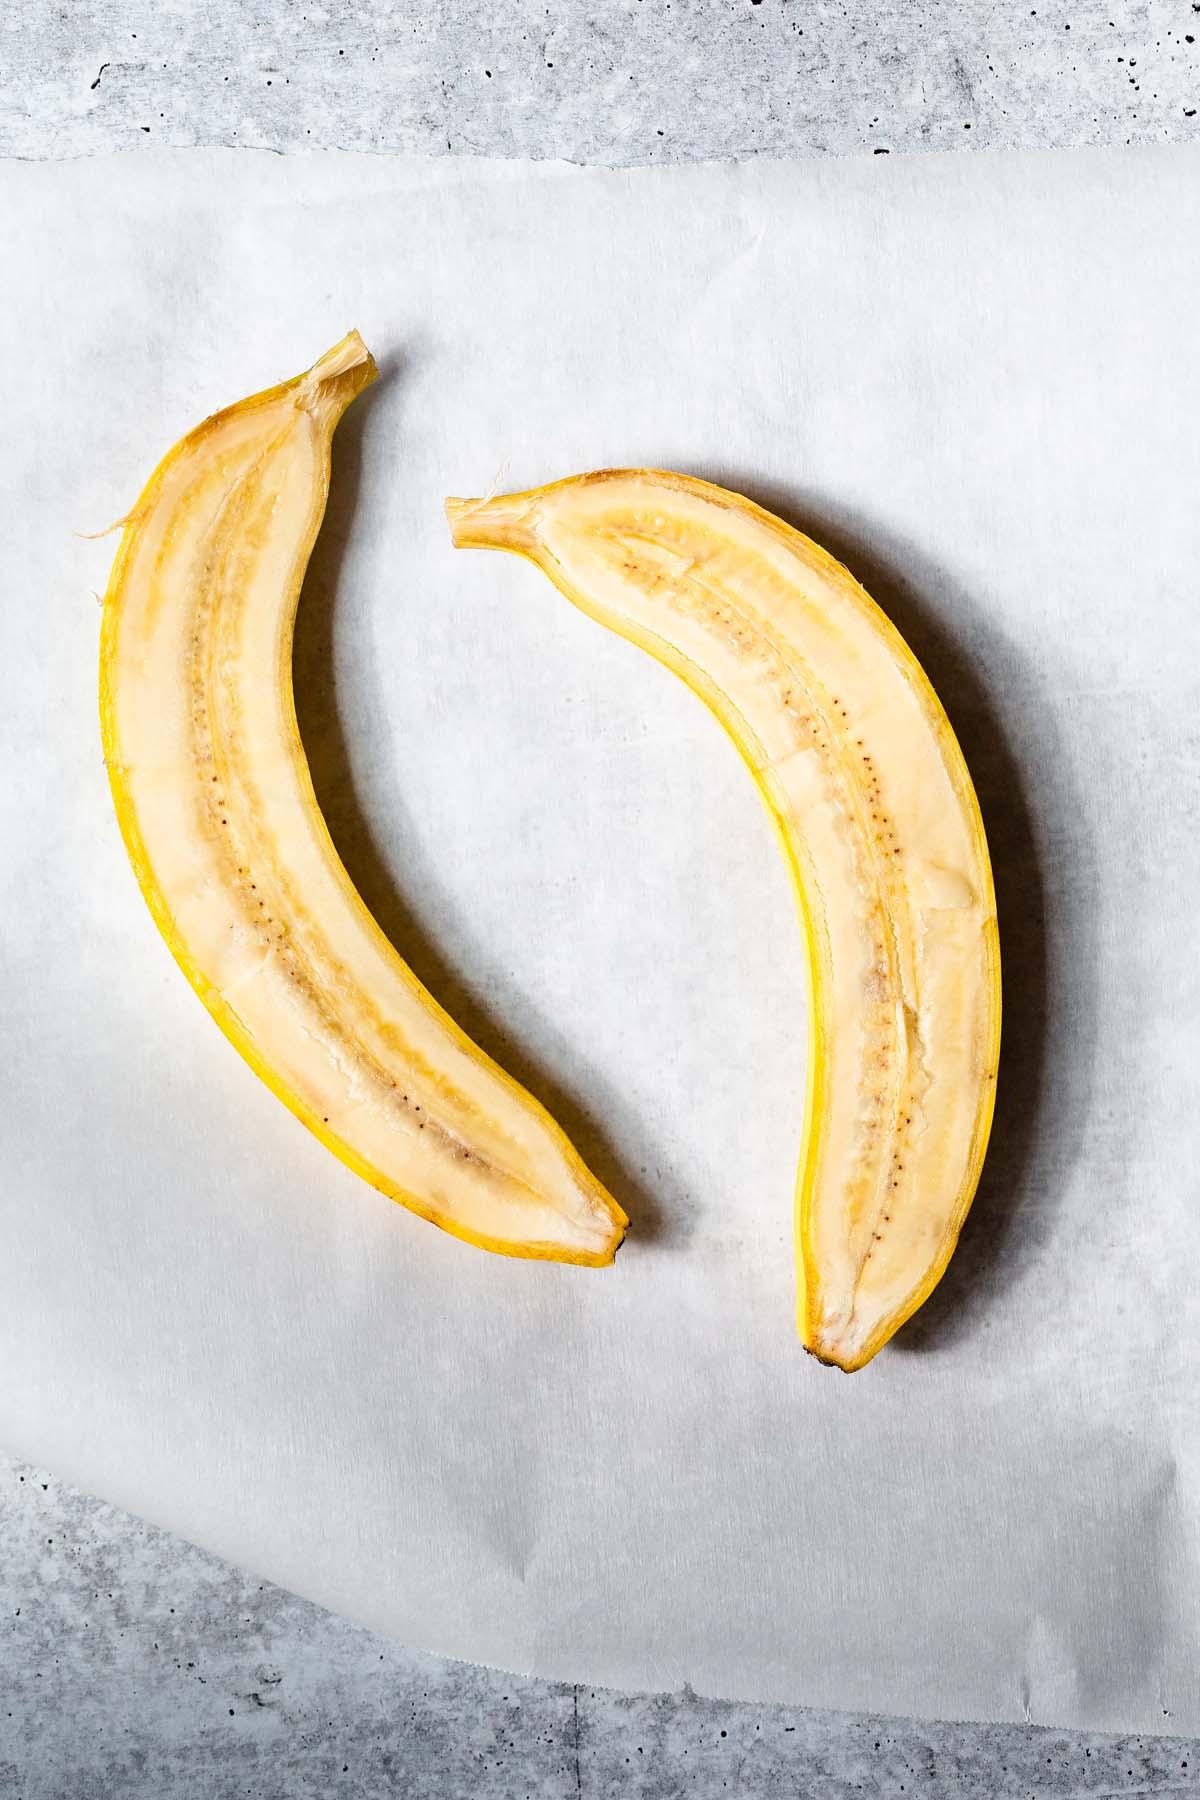 banana sliced in half lengthwise